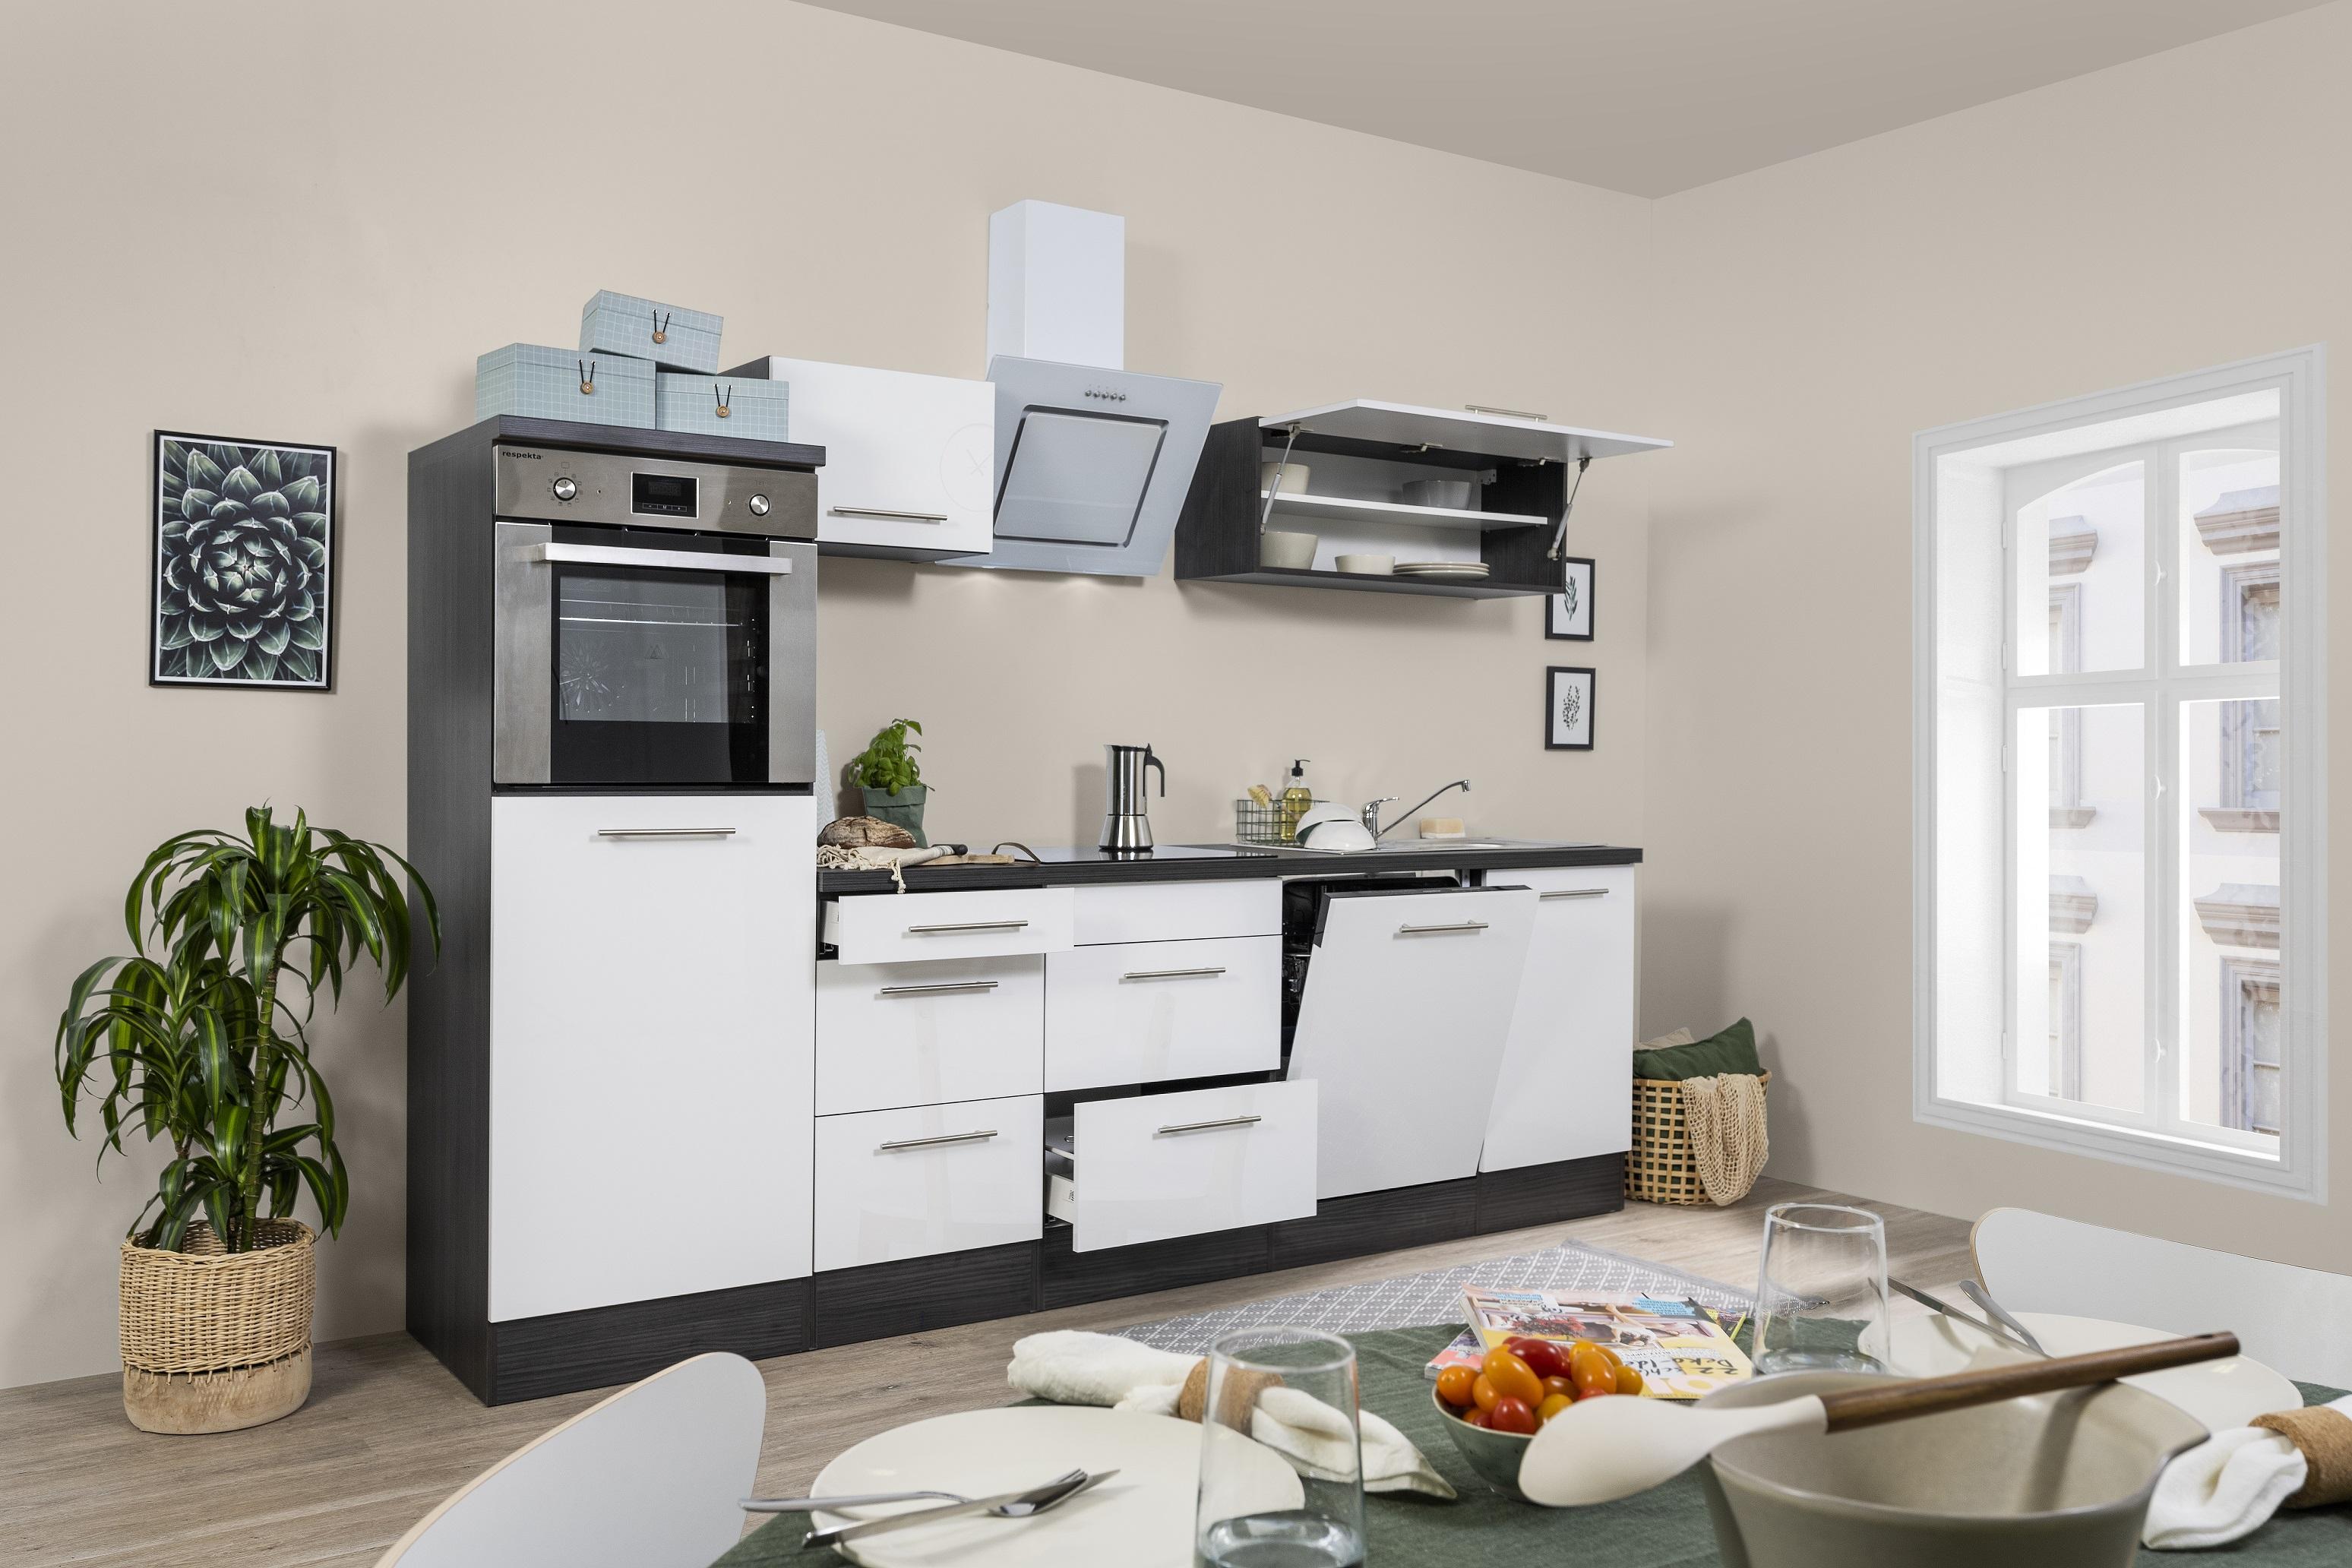 respekta Küchenzeile Küche Küchenblock Einbauküche 280cm Hochglanz Eiche weiß